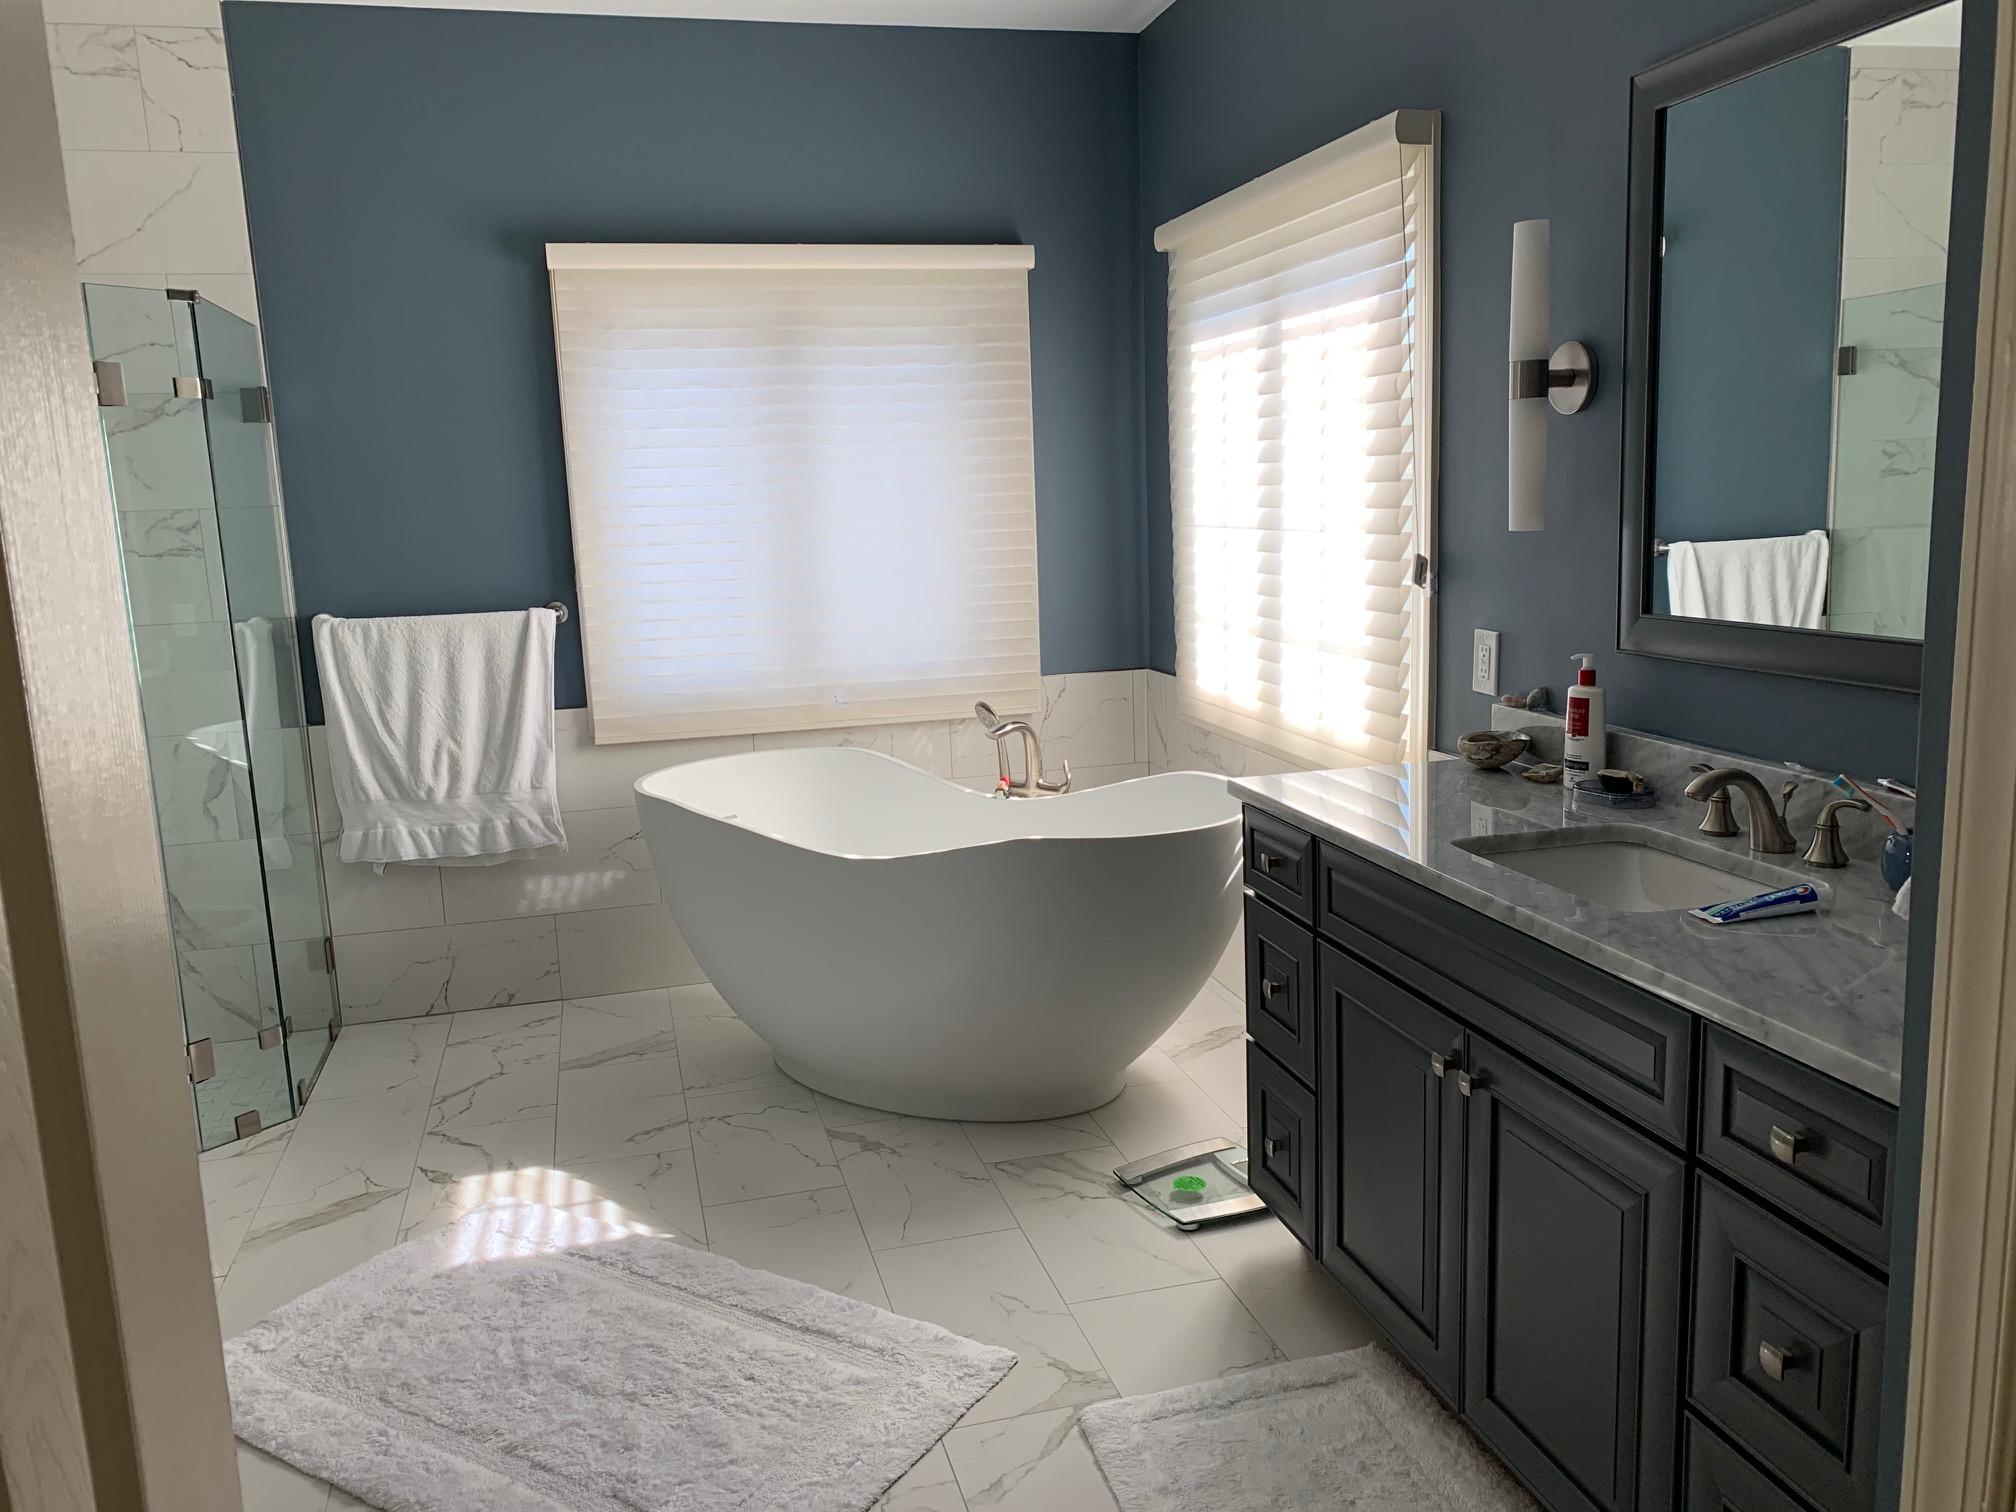 Dulles Kitchen And Bath Reviews Fairfax Va Angi